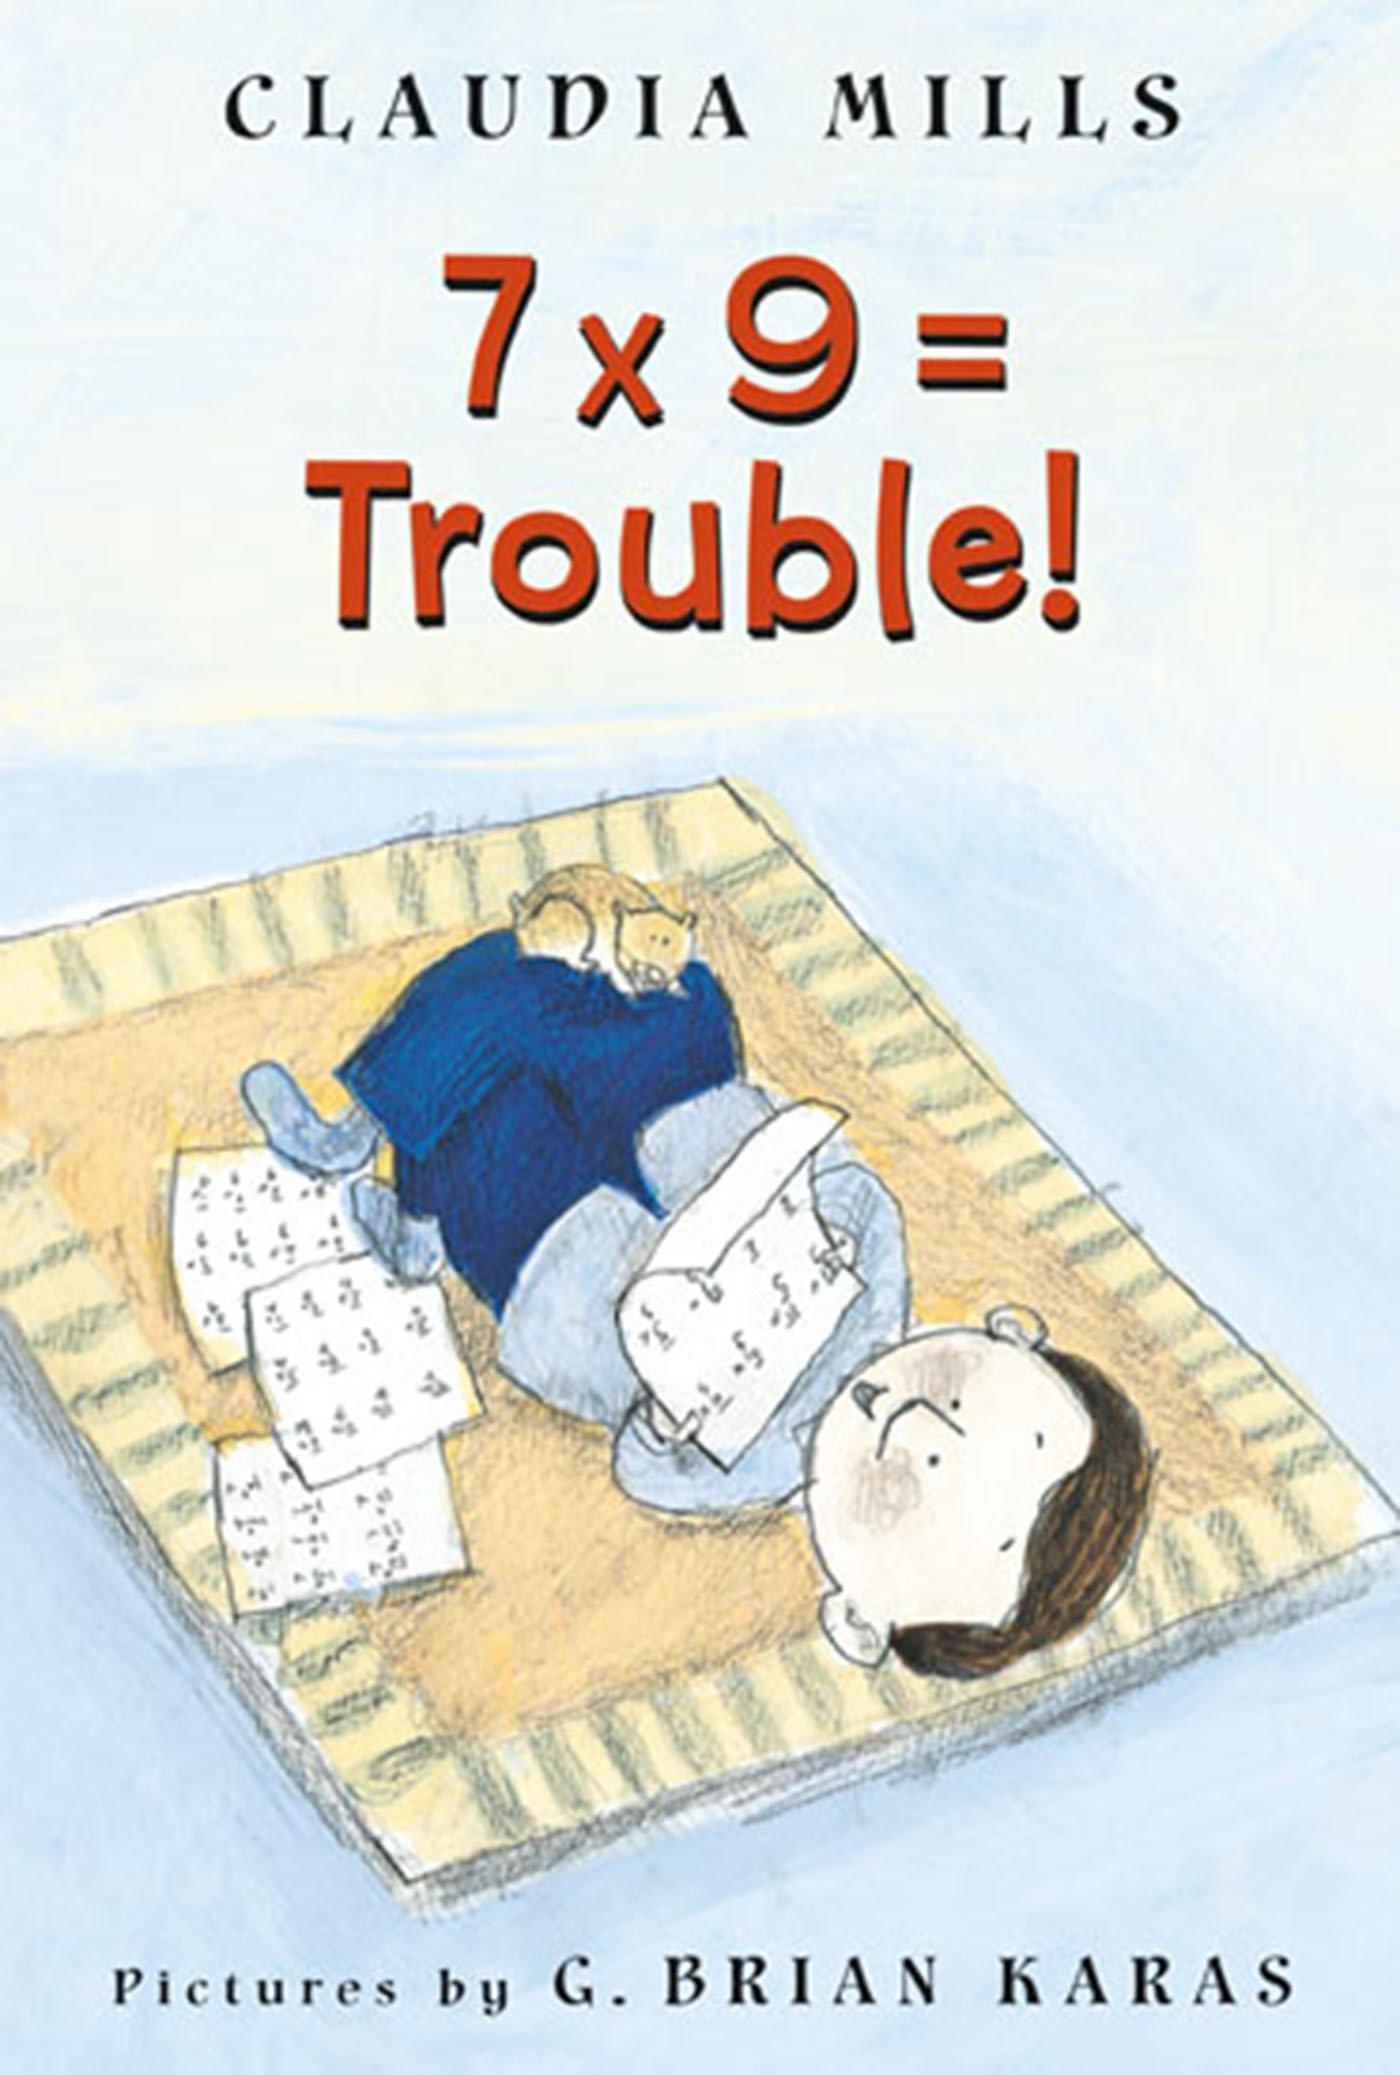 7 x 9 trouble claudia mills g brian karas 9780374464523 7 x 9 trouble claudia mills g brian karas 9780374464523 amazon books ibookread ePUb